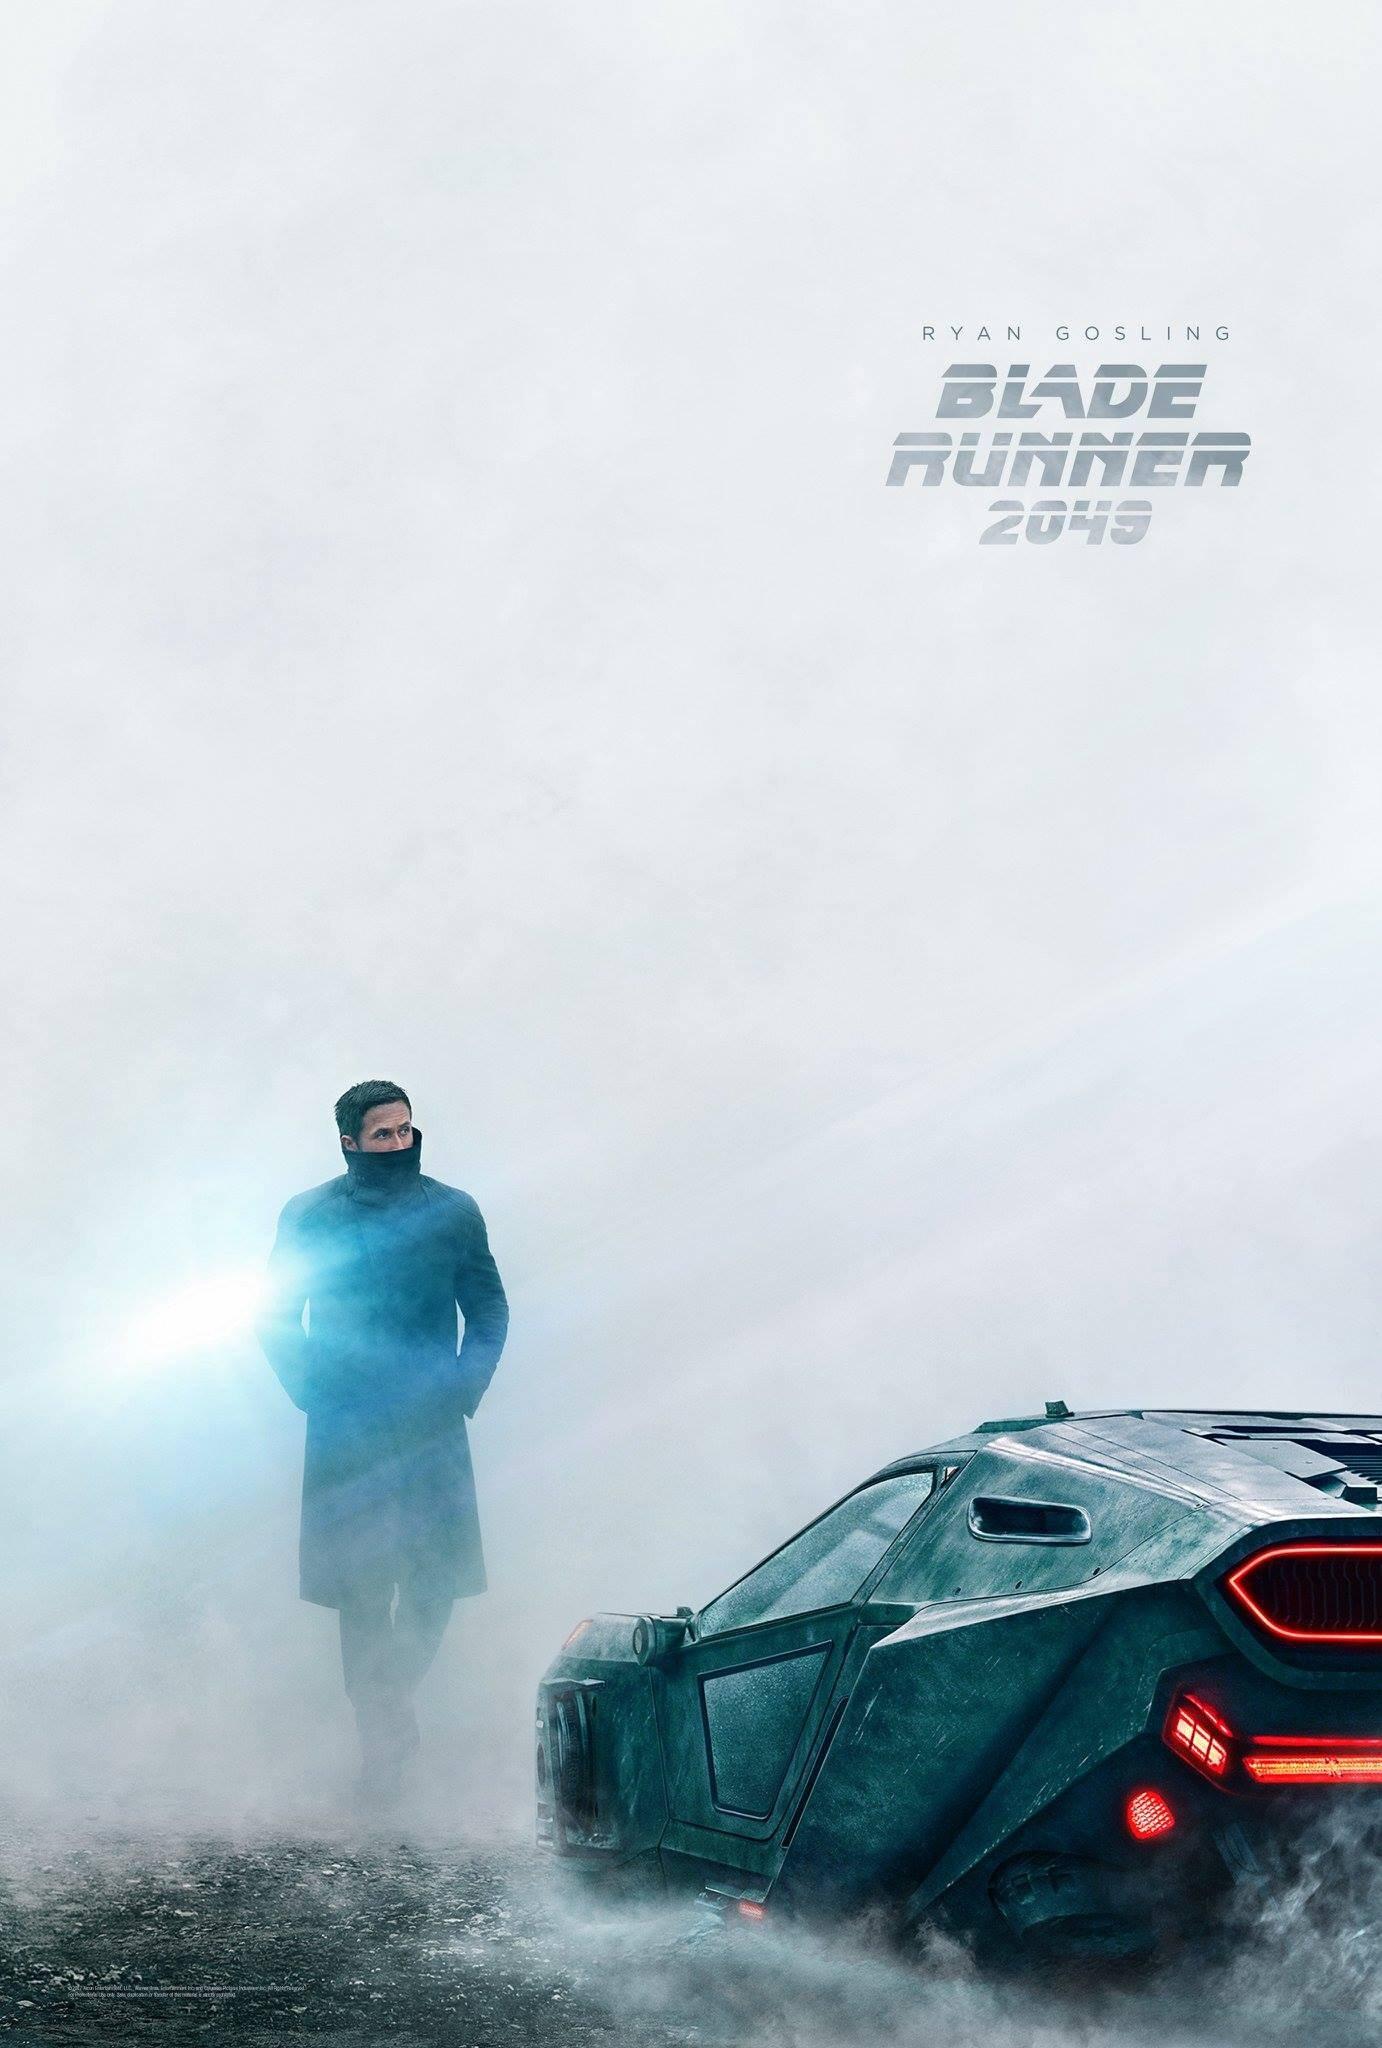 Poster pour le film Blade Runner 2049 avec Ryan Gosling